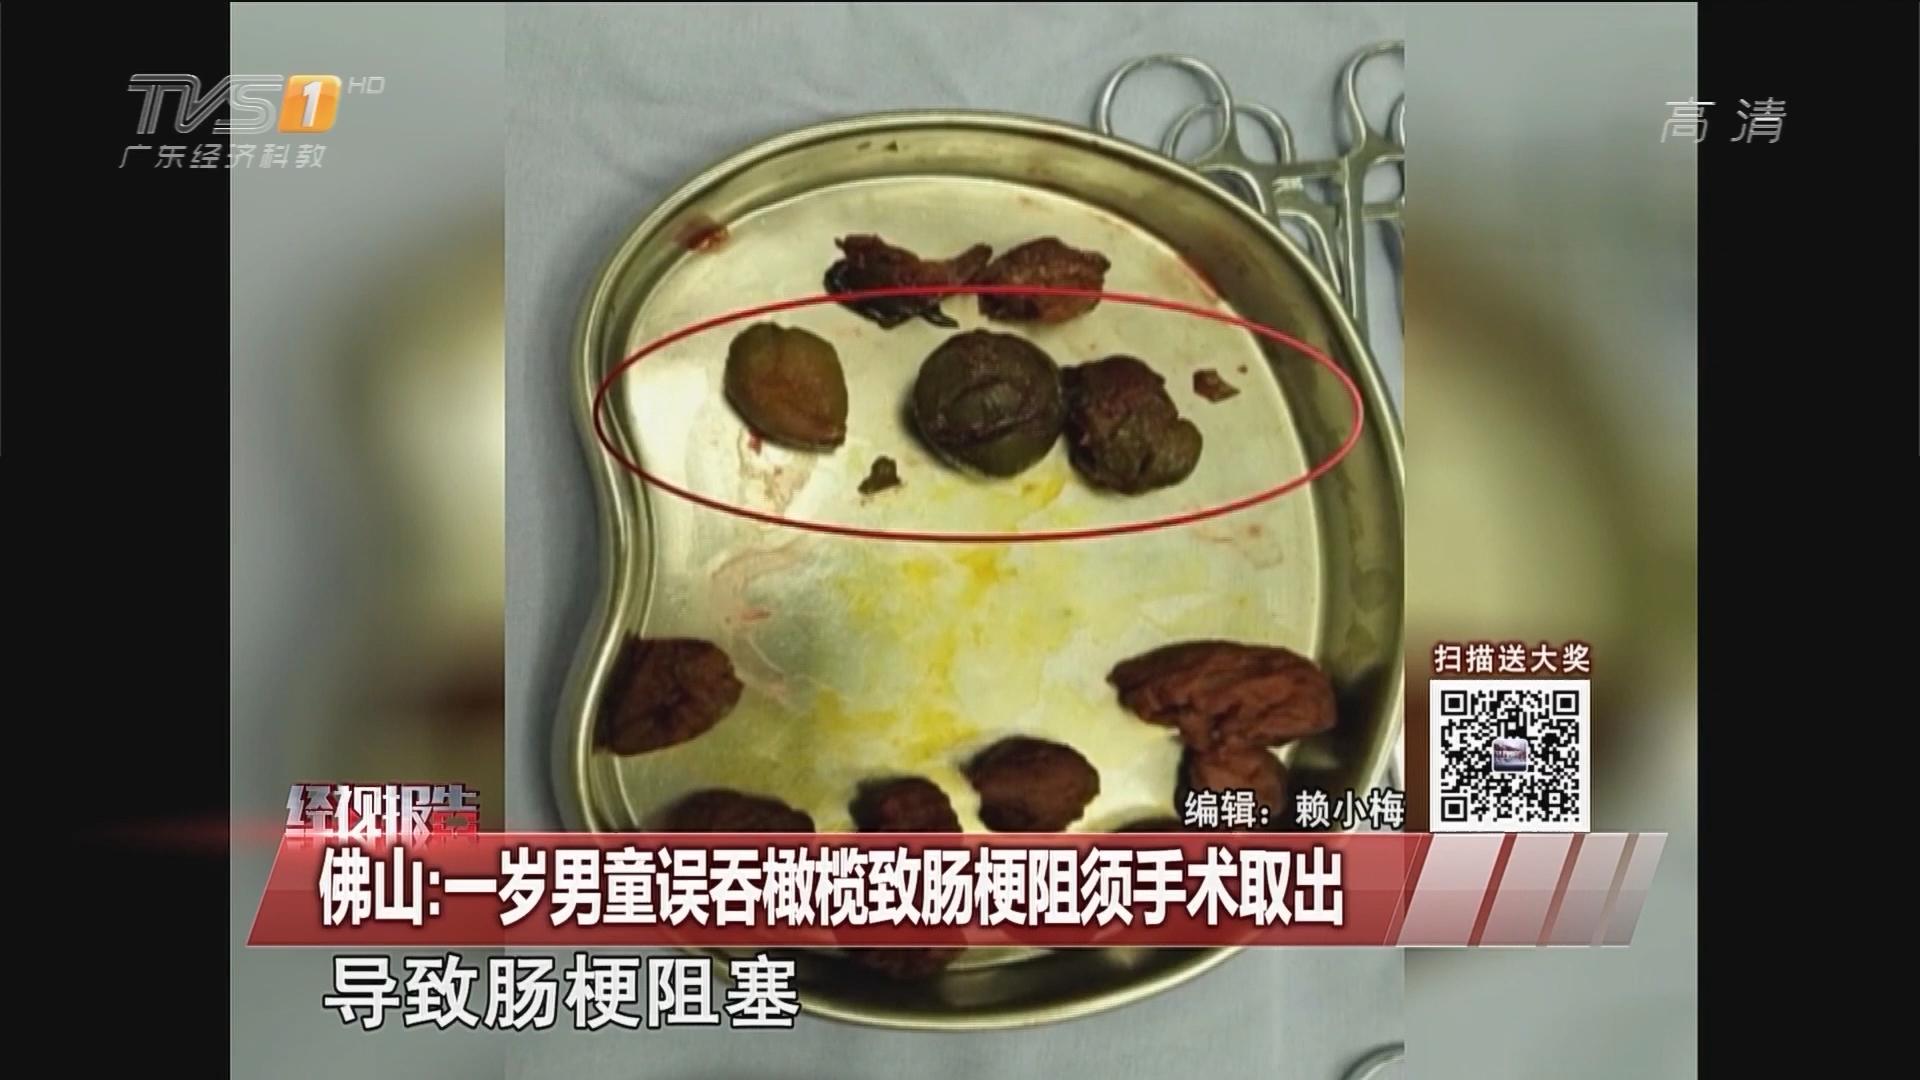 佛山:一岁男童误吞橄榄致肠梗阻须手术取出